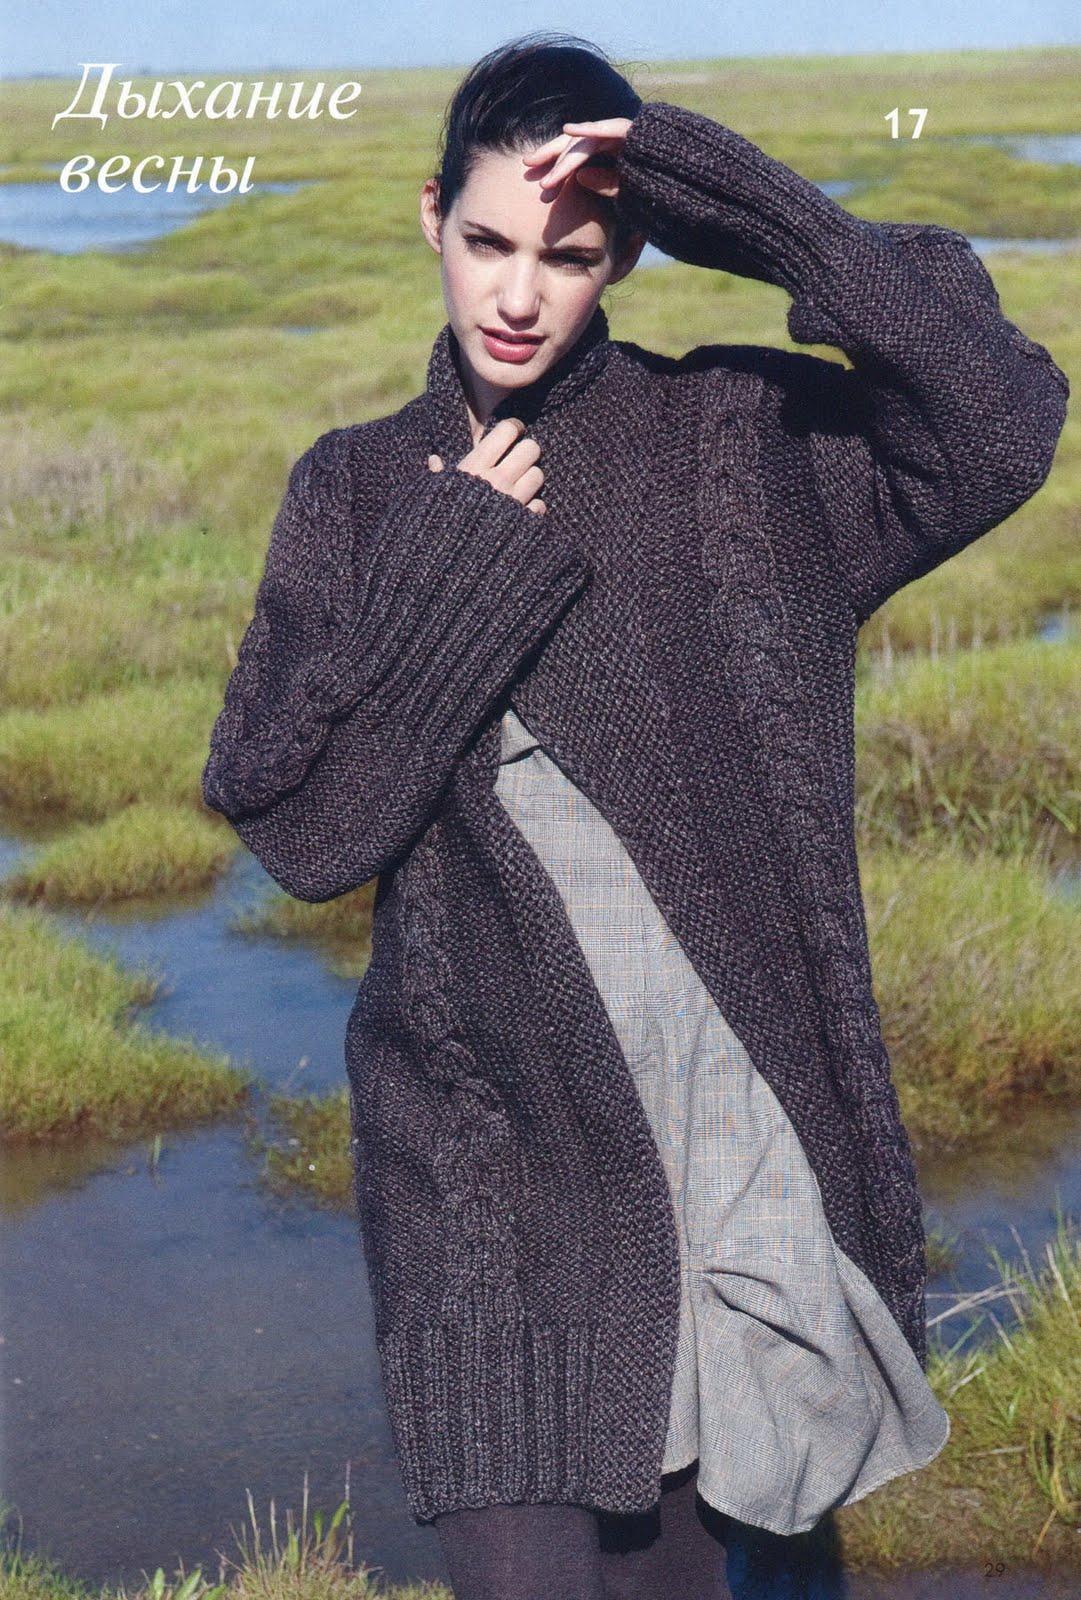 Вязание спицами для женщин.  Схемы и модели.  Осень - зима.  Вязание пальто с широкими планками.